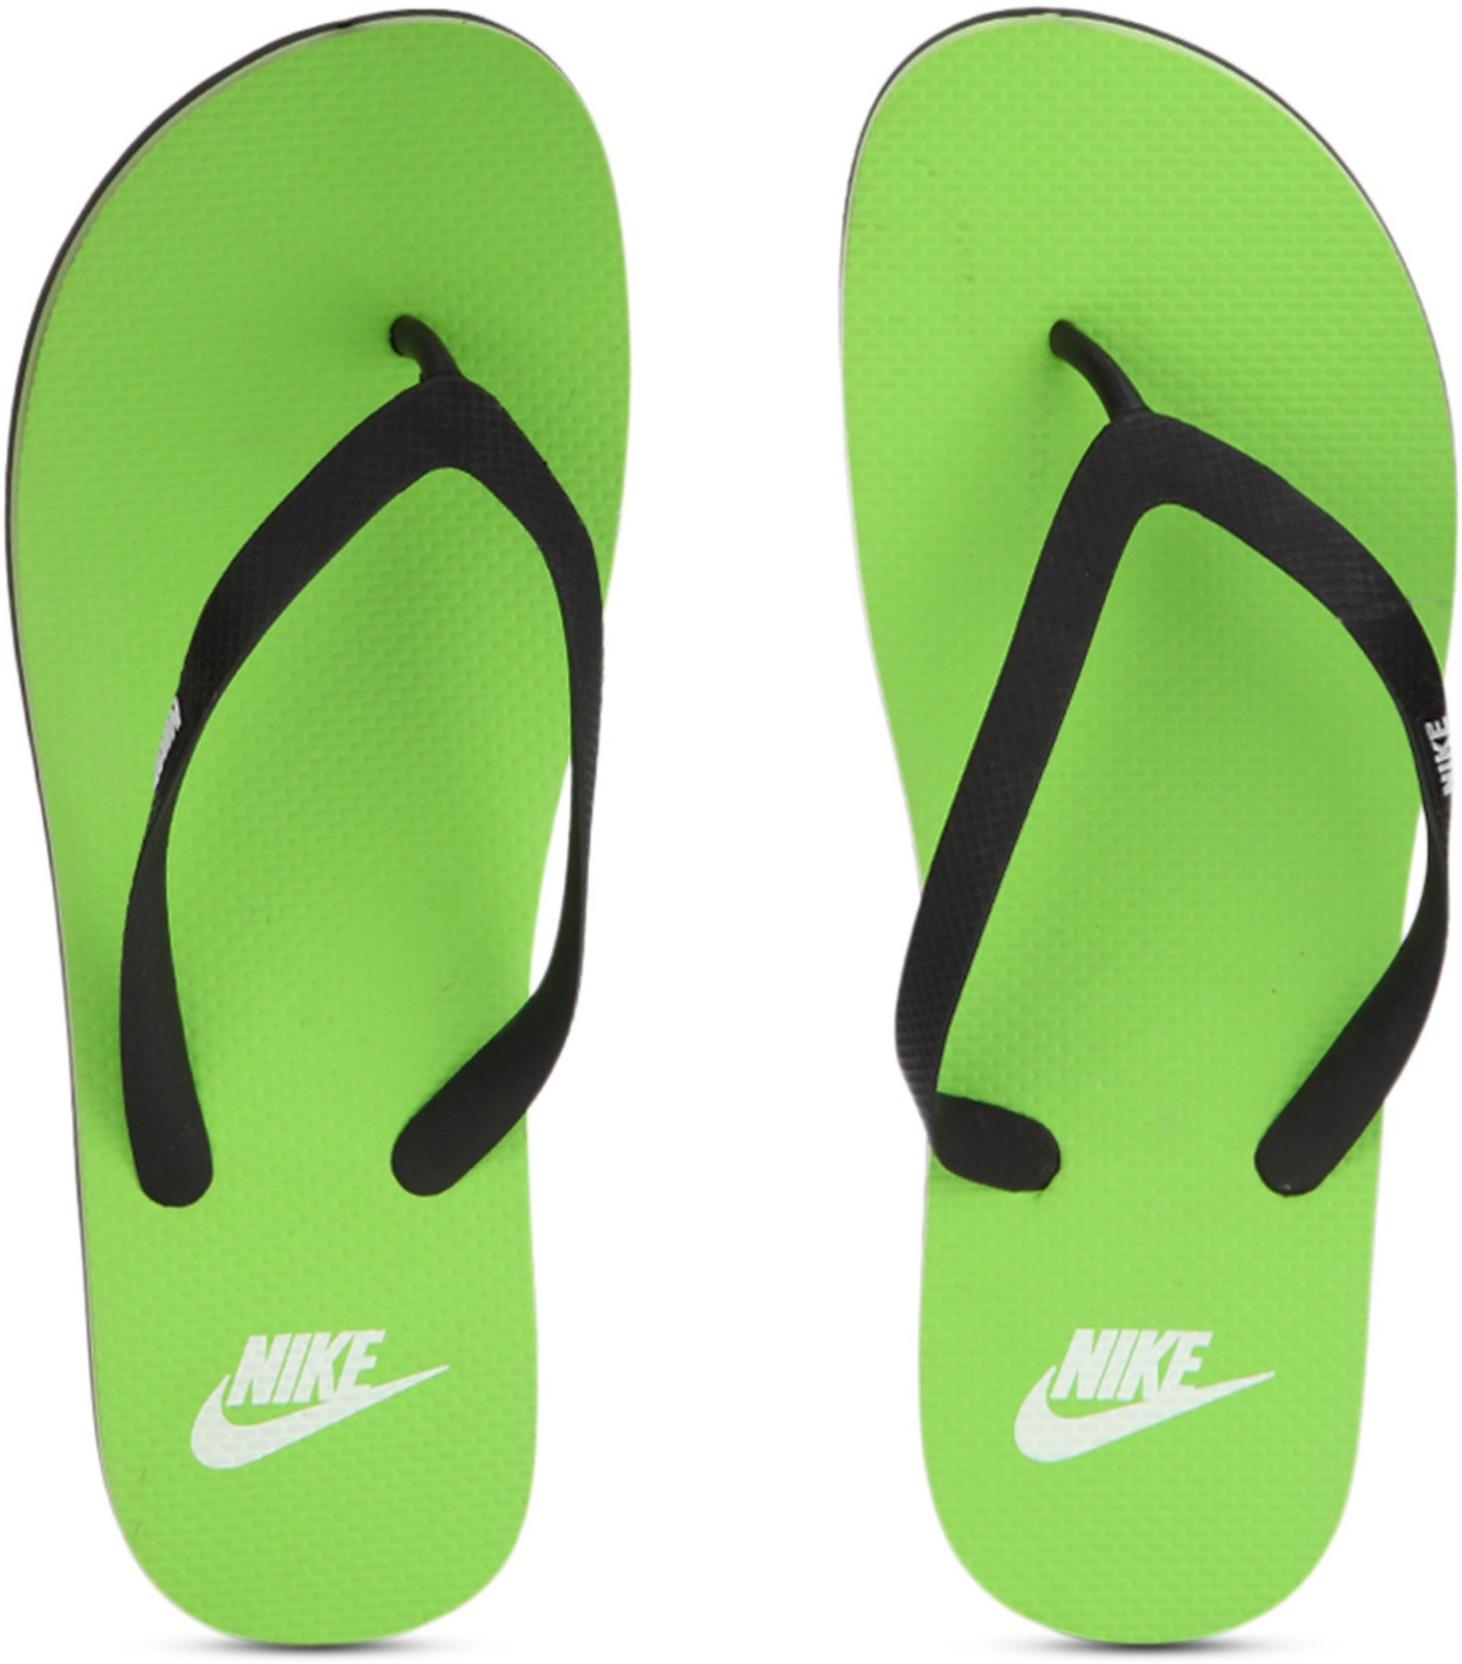 eb723093241 Nike AQUASWIFT THONG Flip Flops - Buy BLACK WHITE-ELECTRIC GREEN Color Nike  AQUASWIFT THONG Flip Flops Online at Best Price - Shop Online for Footwears  in ...